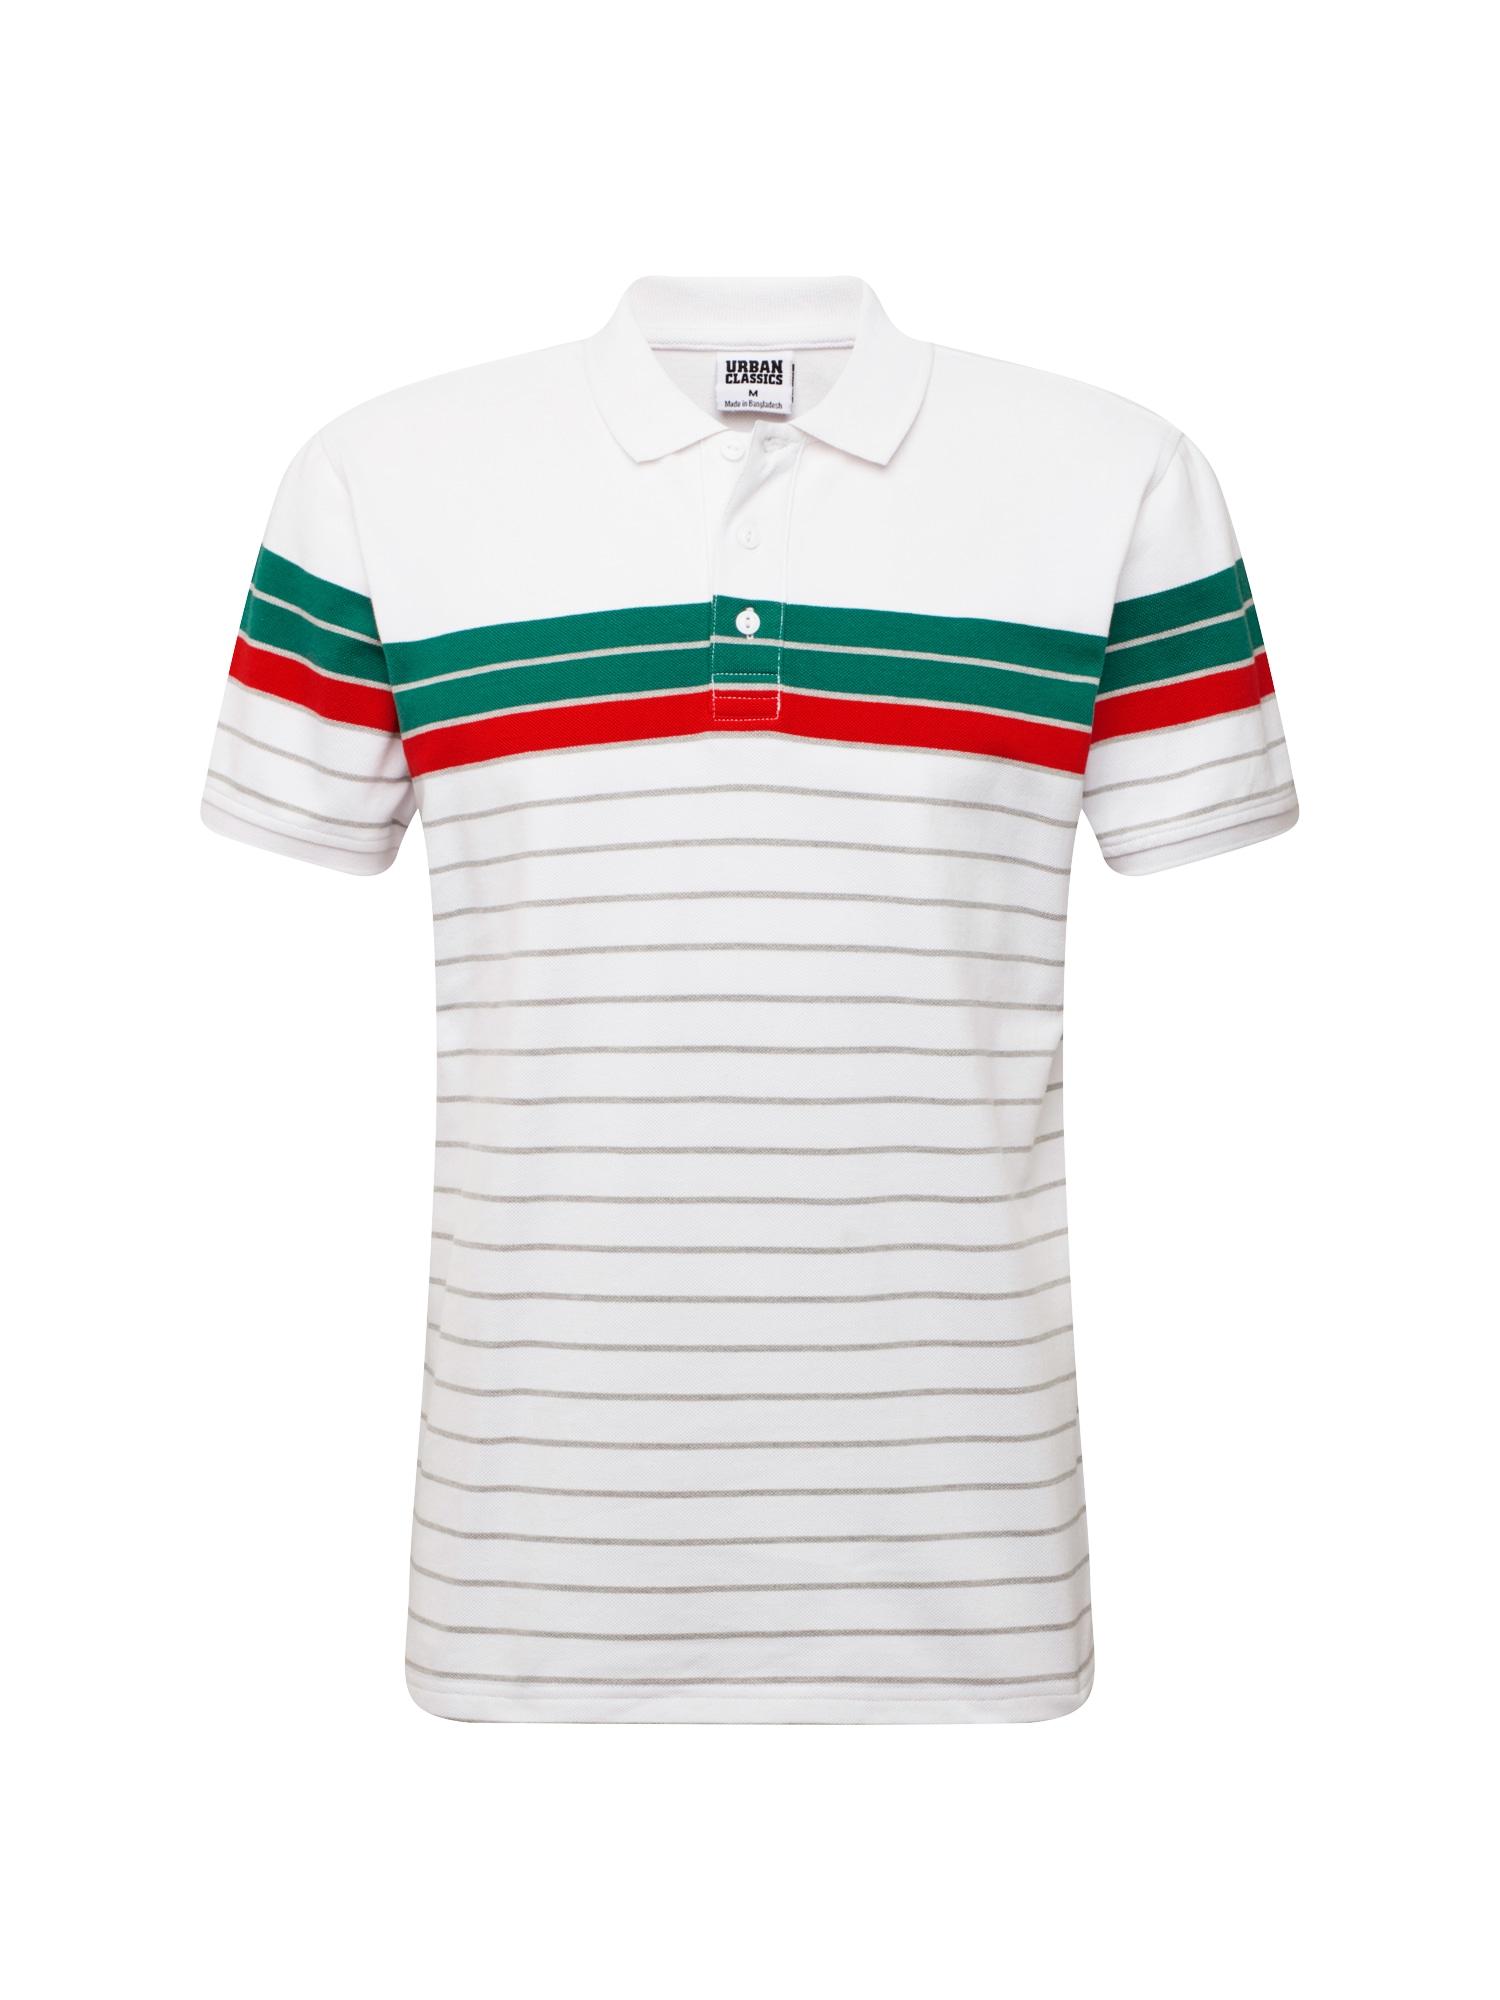 Urban Classics Tricou  verde / roșu / alb